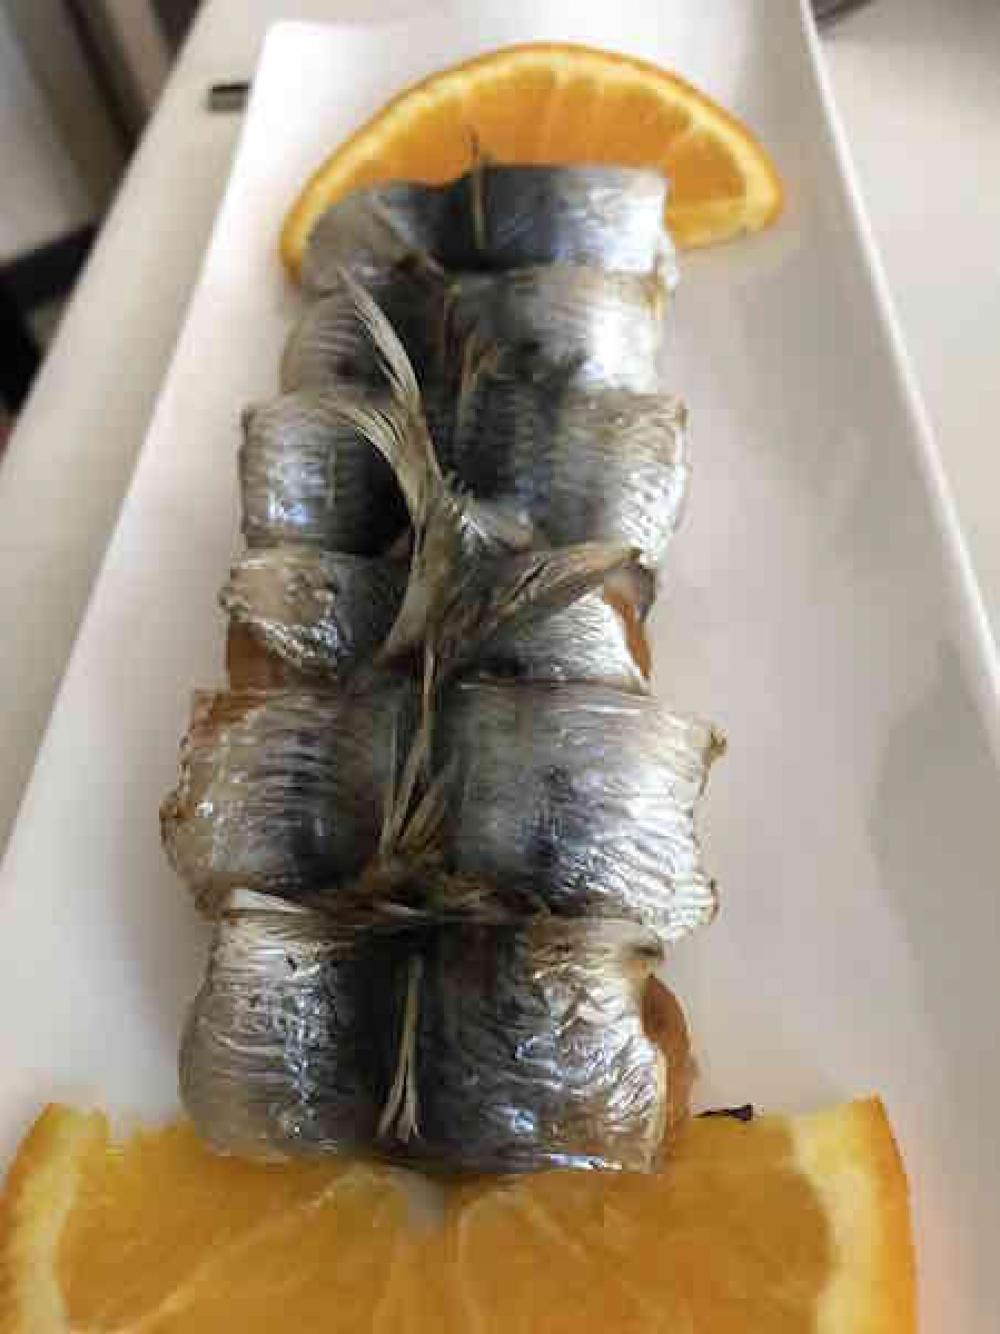 170823 Sardines With Orange